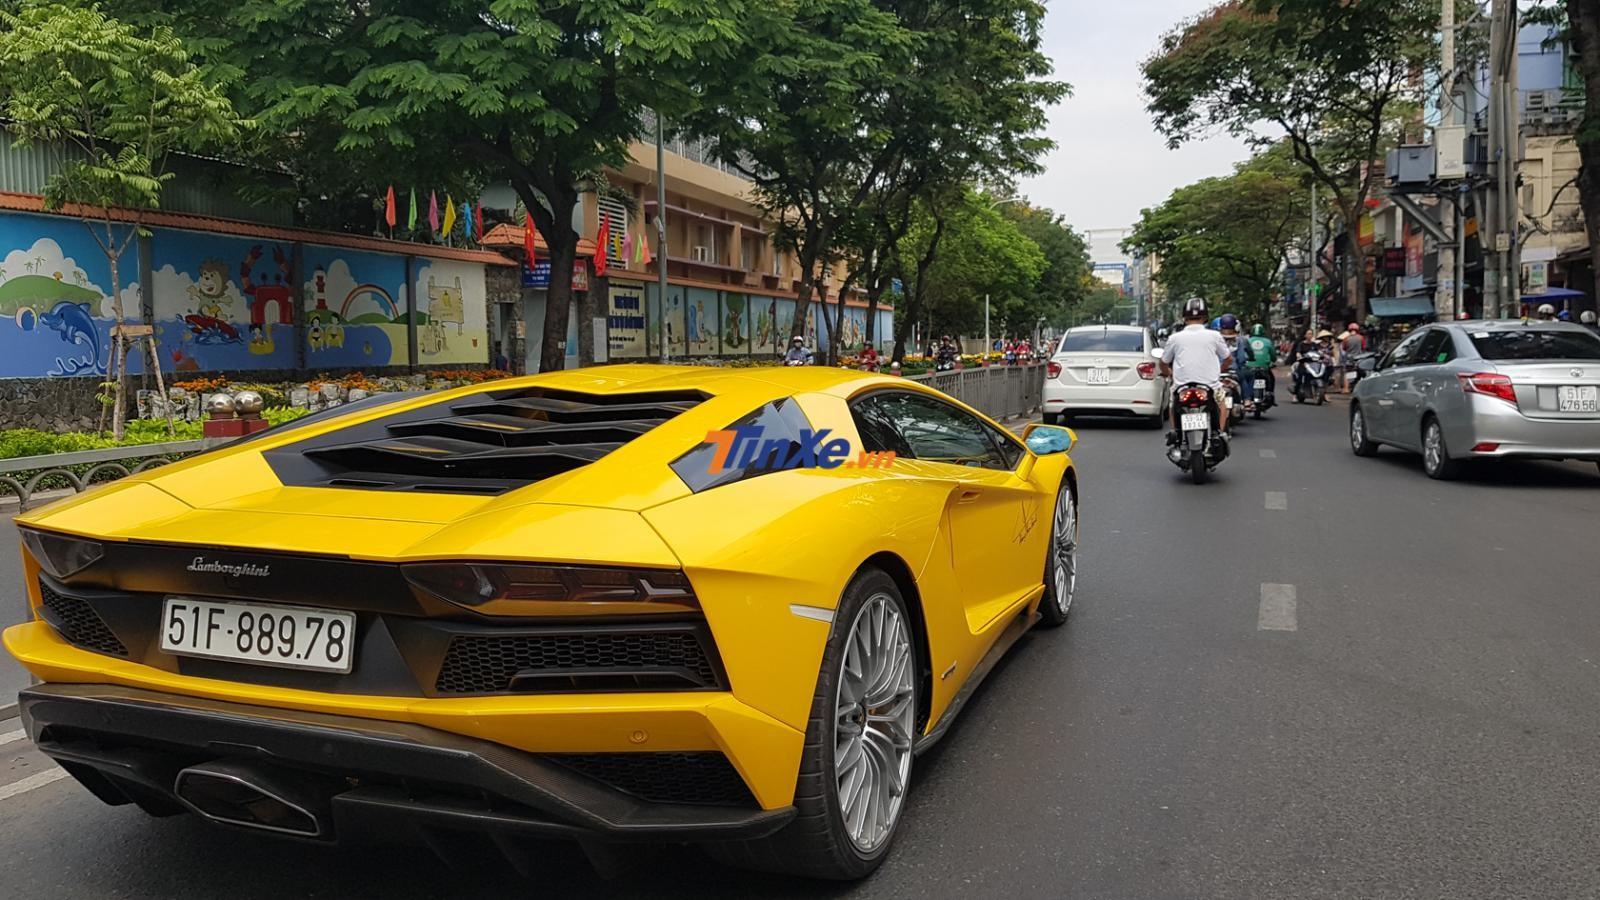 Hiện đây là chiếc siêu xe Lamborghini Aventador S LP740-4 độc nhất Việt Nam